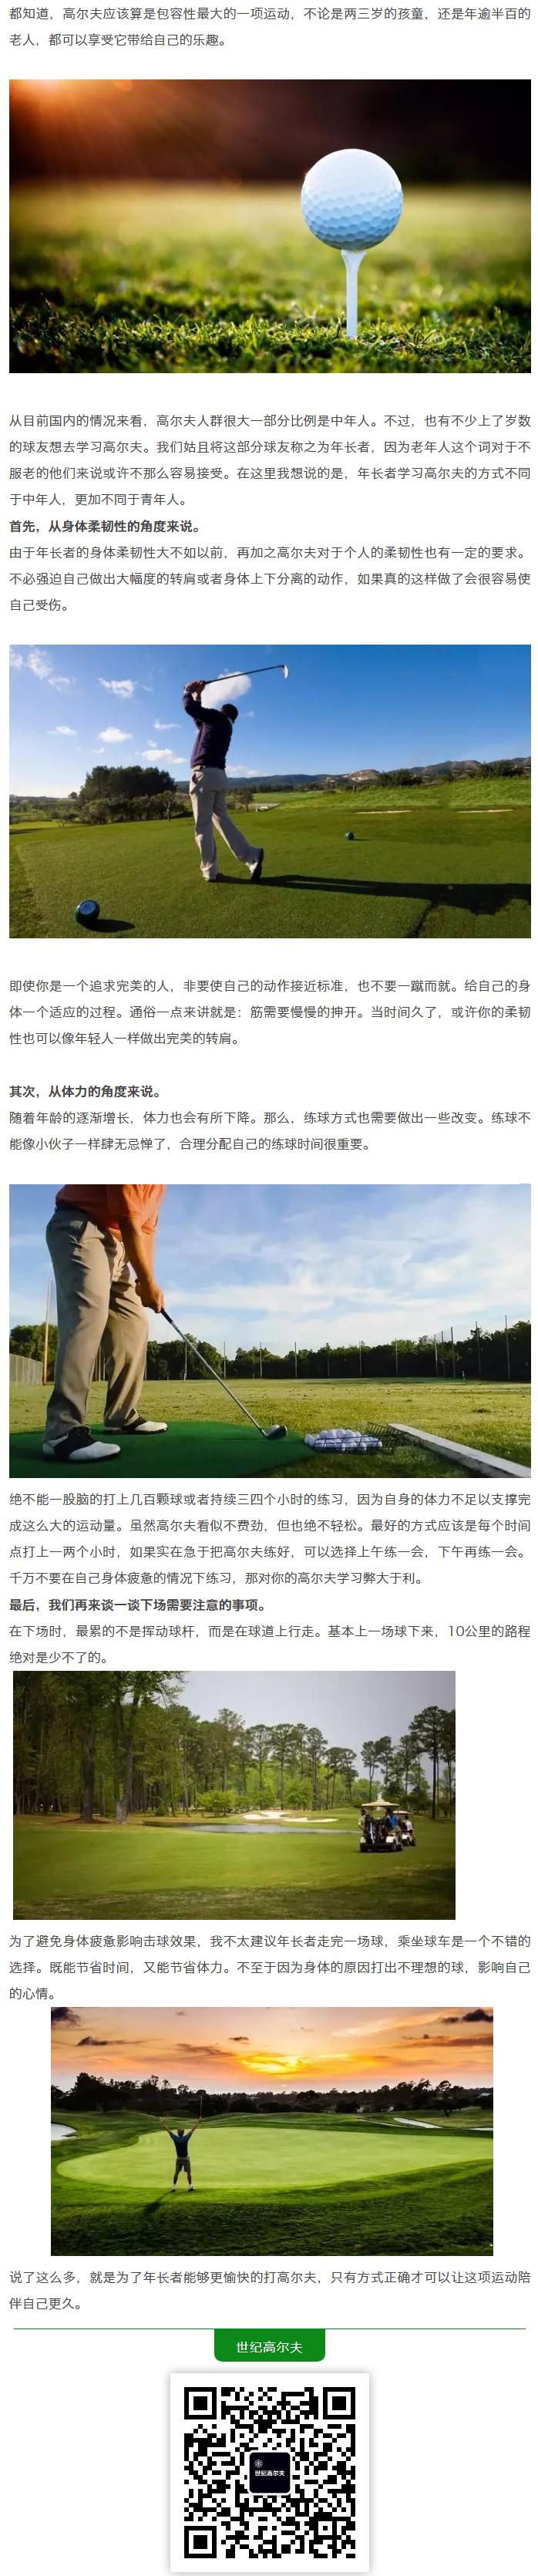 老年人应该如何学习高尔夫.png